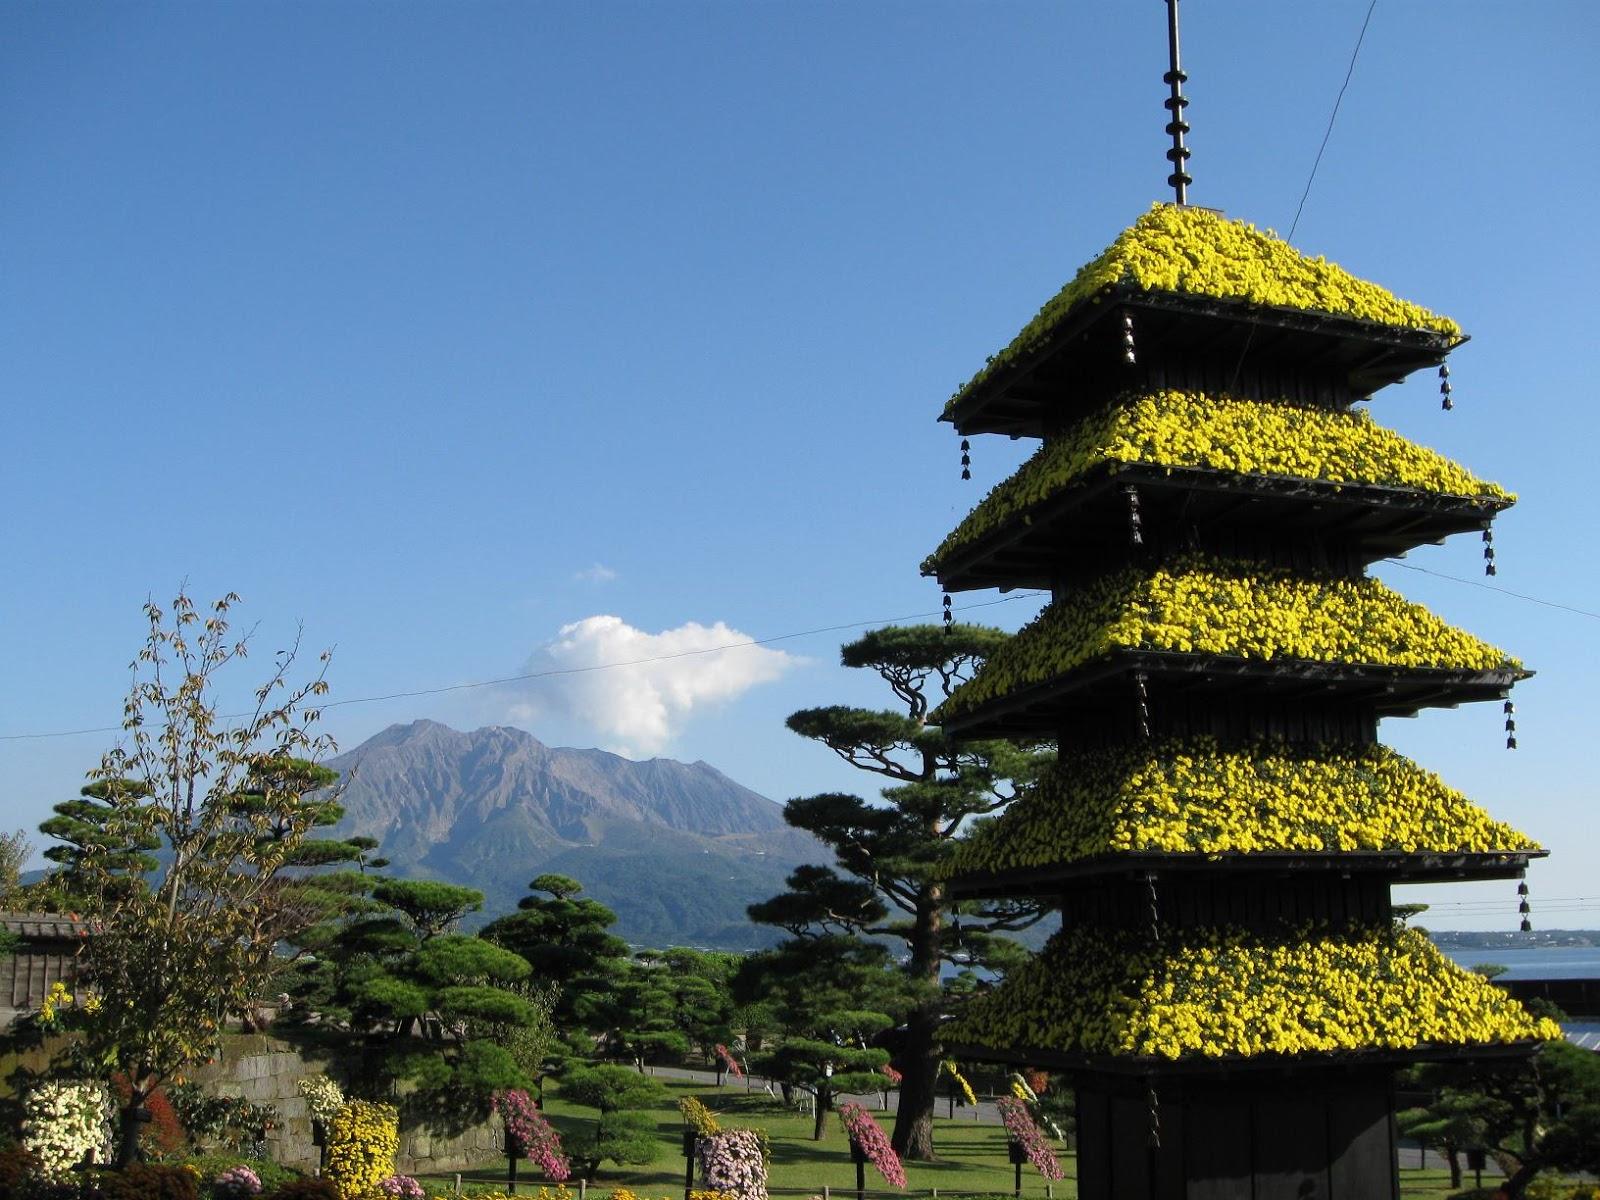 For Our Japan: 仙巖園菊花祭 / 菊まつり(鹿兒島縣鹿兒島市)